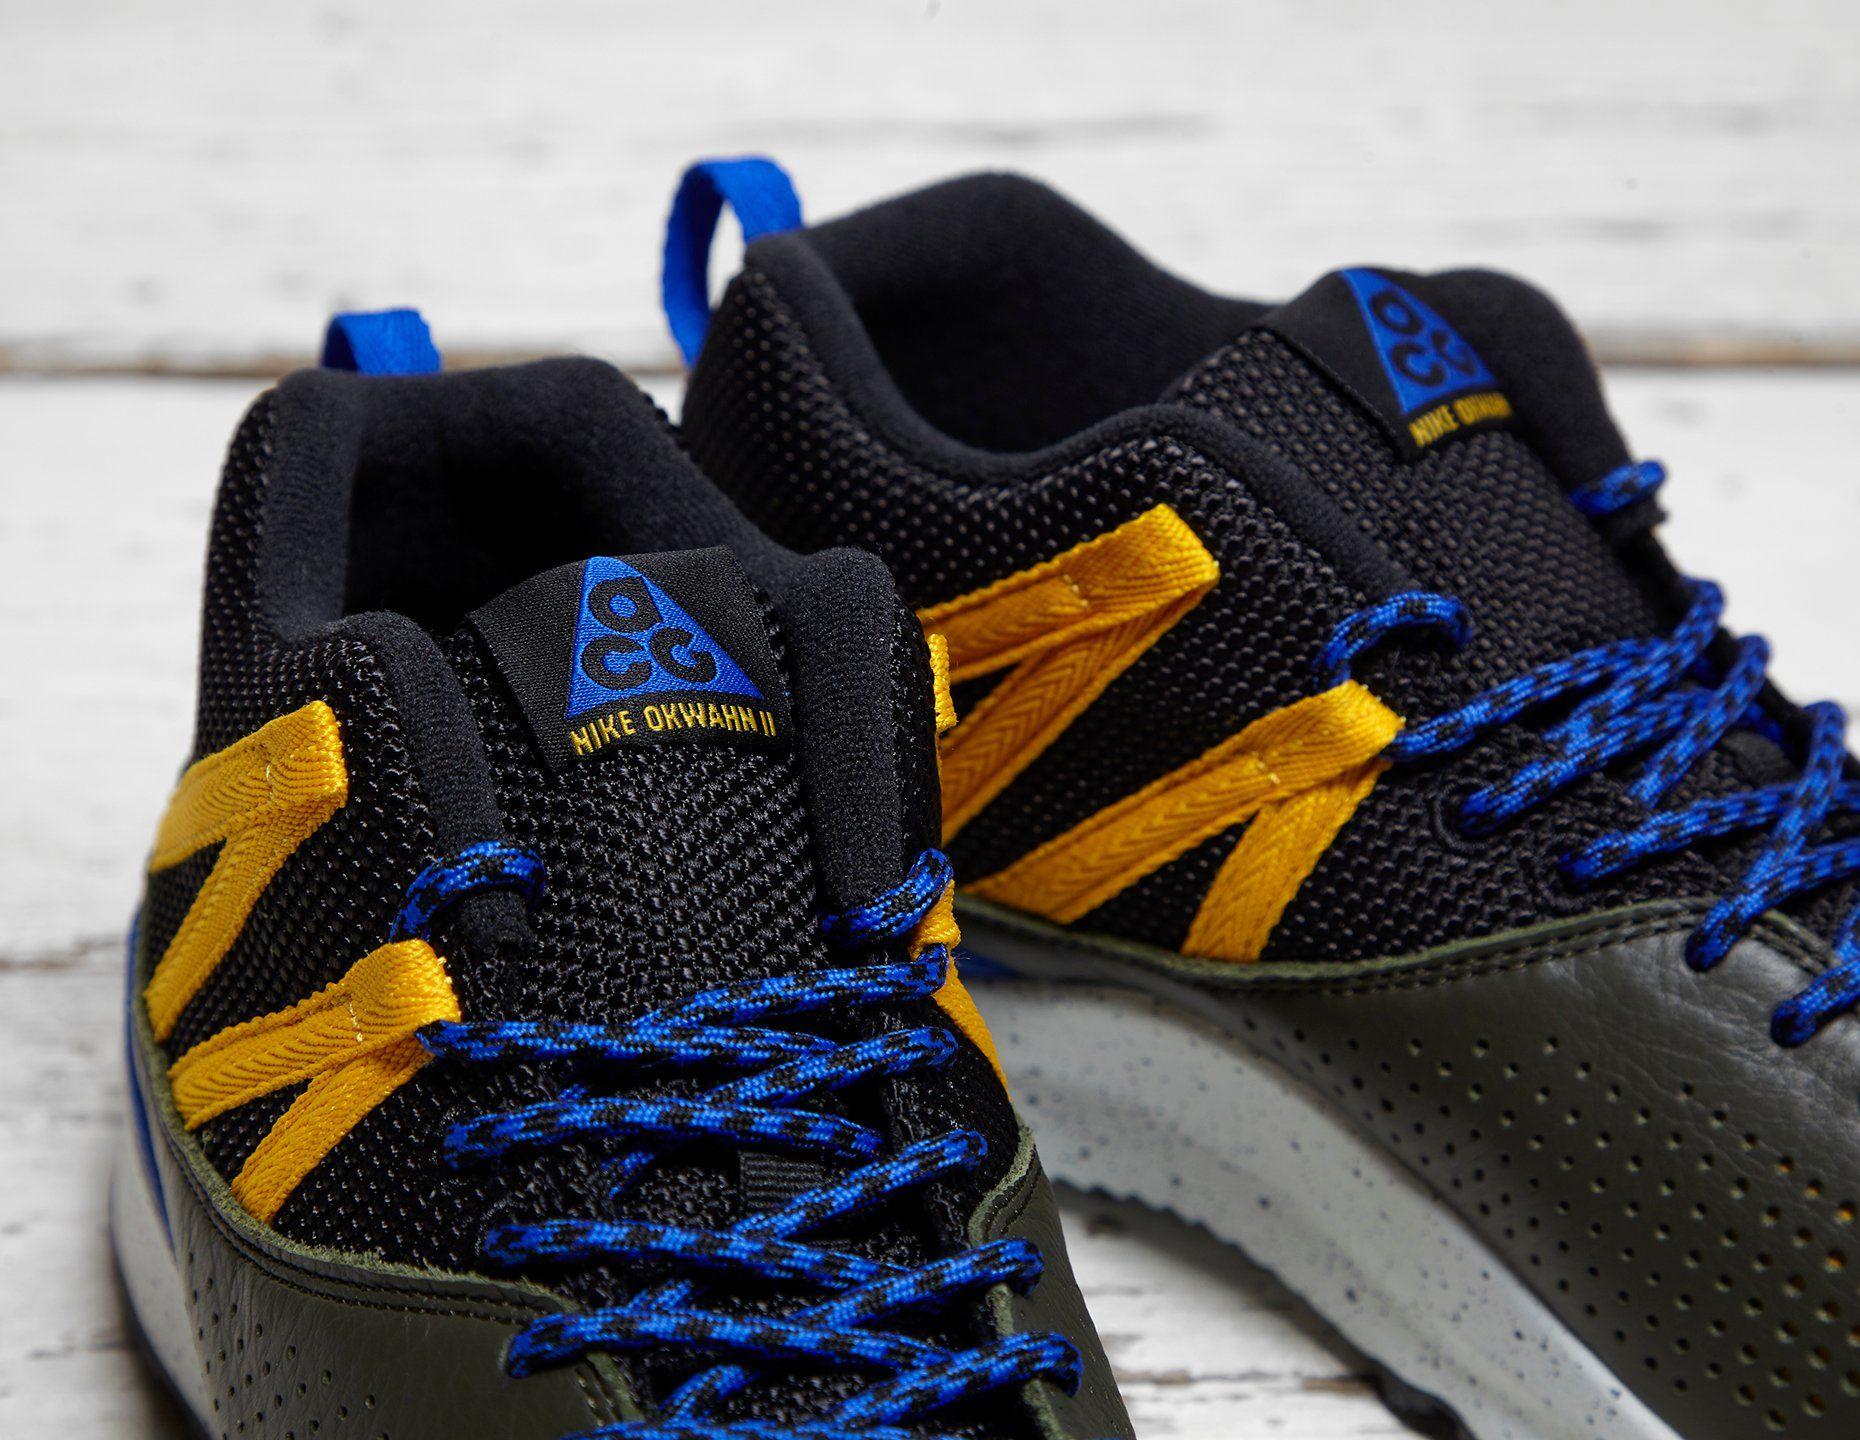 Nike Okwahn II OG